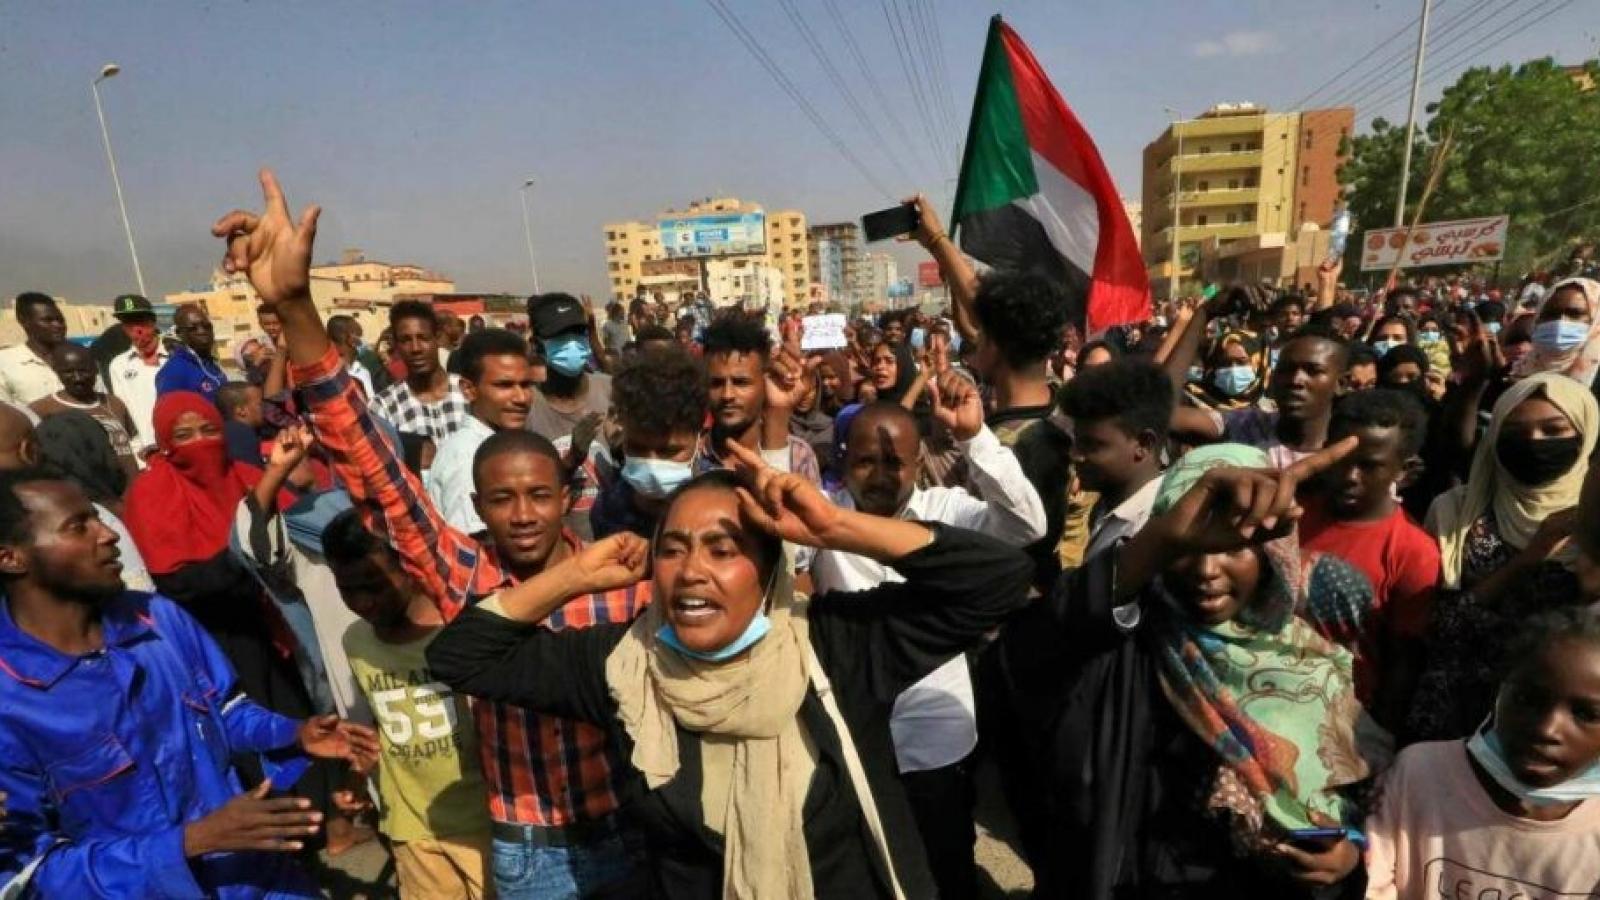 Nguyên nhân dẫn đến cuộc đảo chính ở Sudan